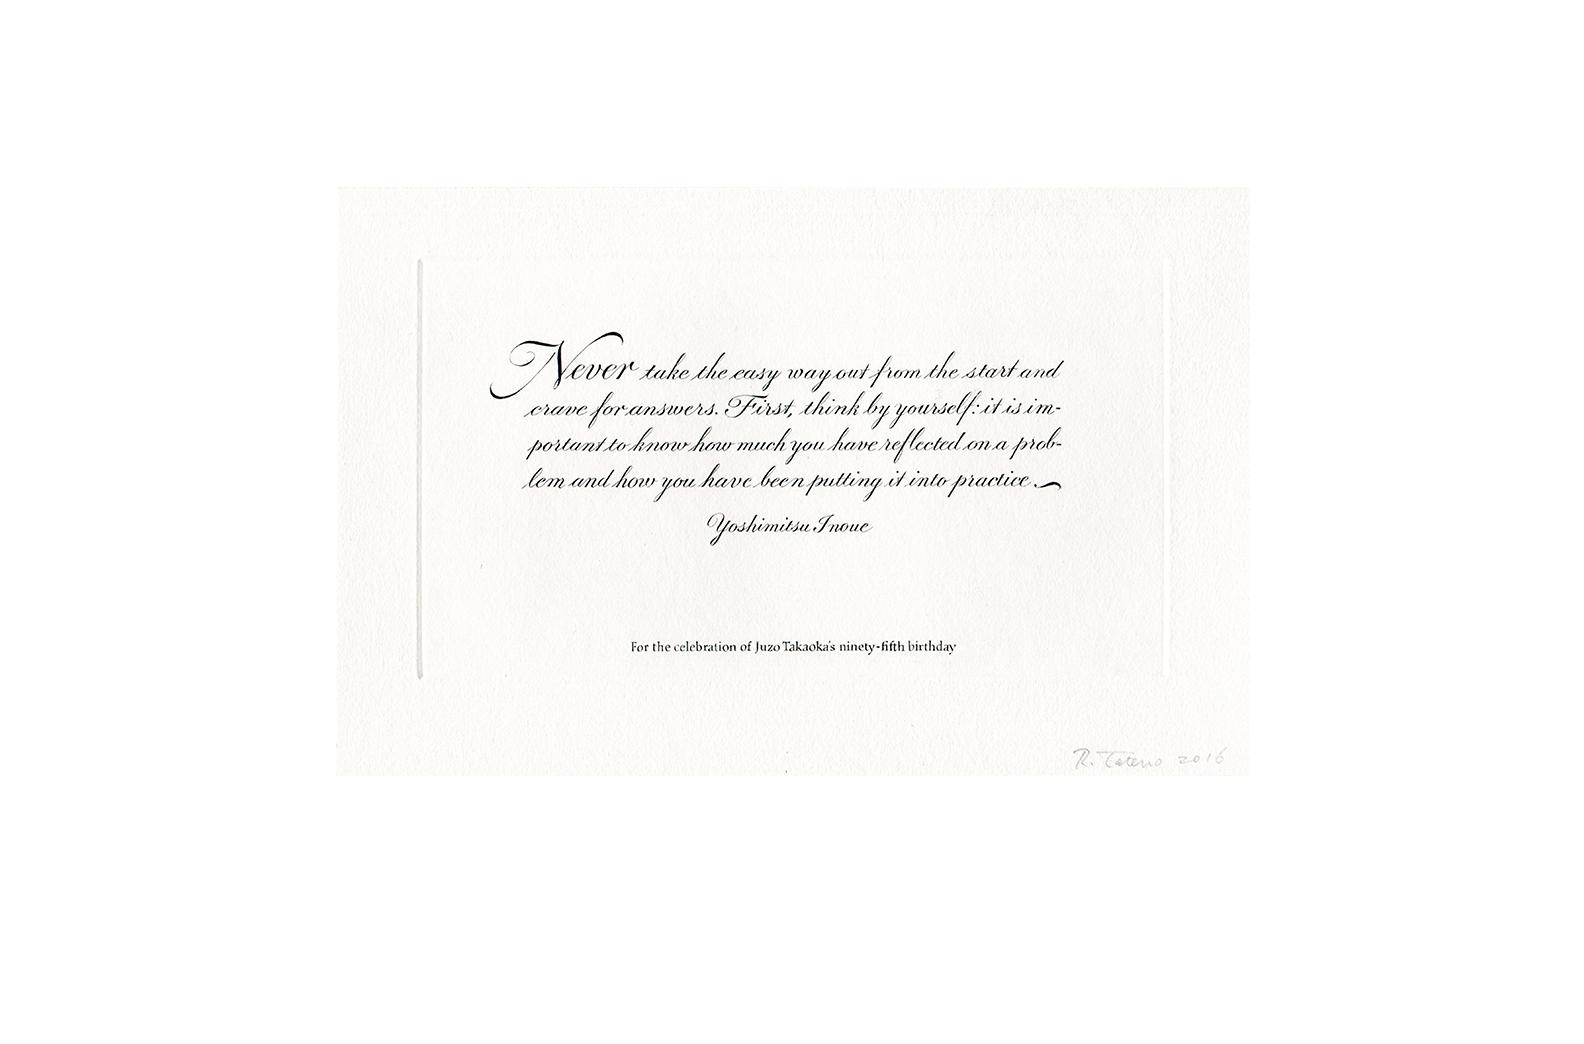 Yoshimitsu Inoue's word (Birthday card)